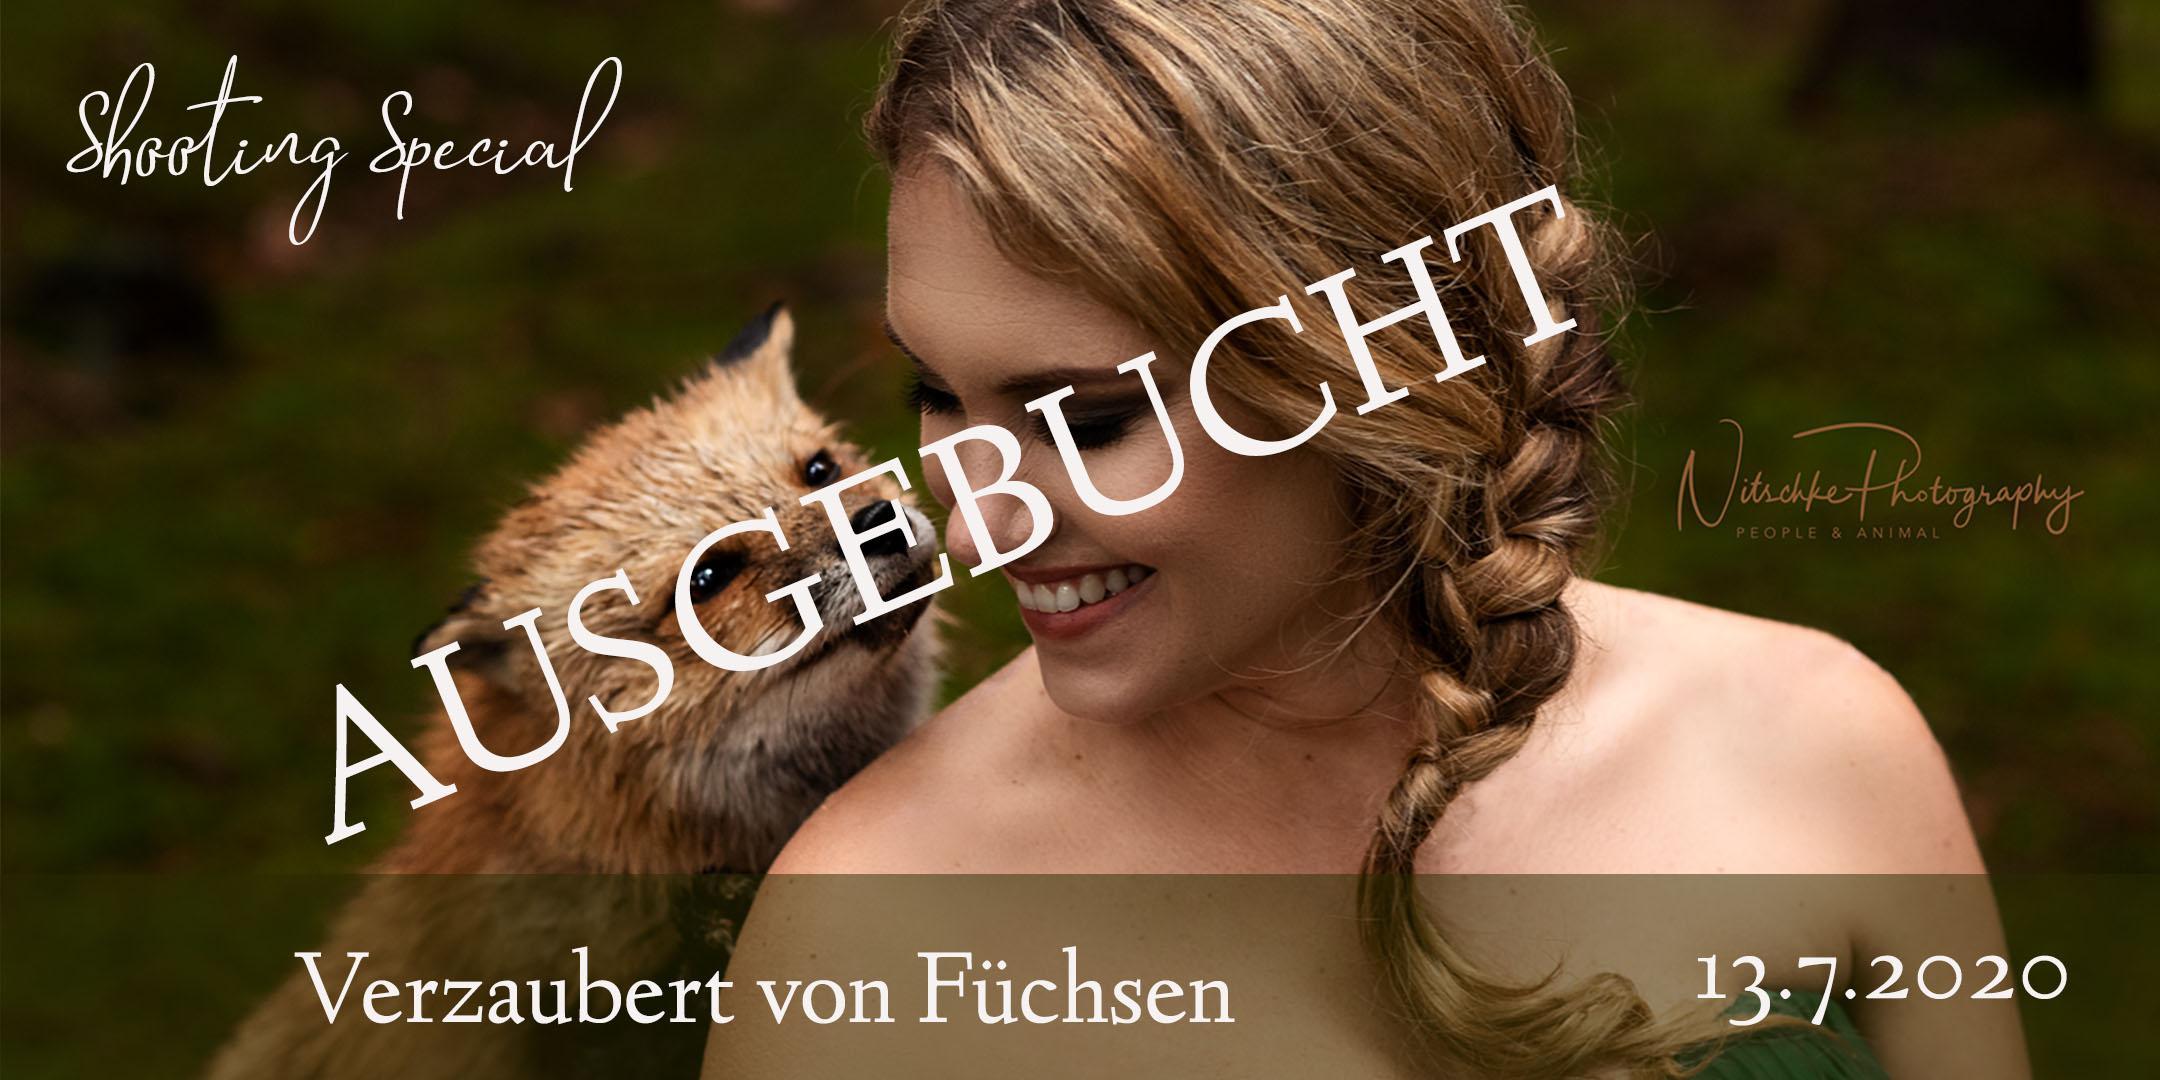 Shooting Special Verzaubert von Füchsen